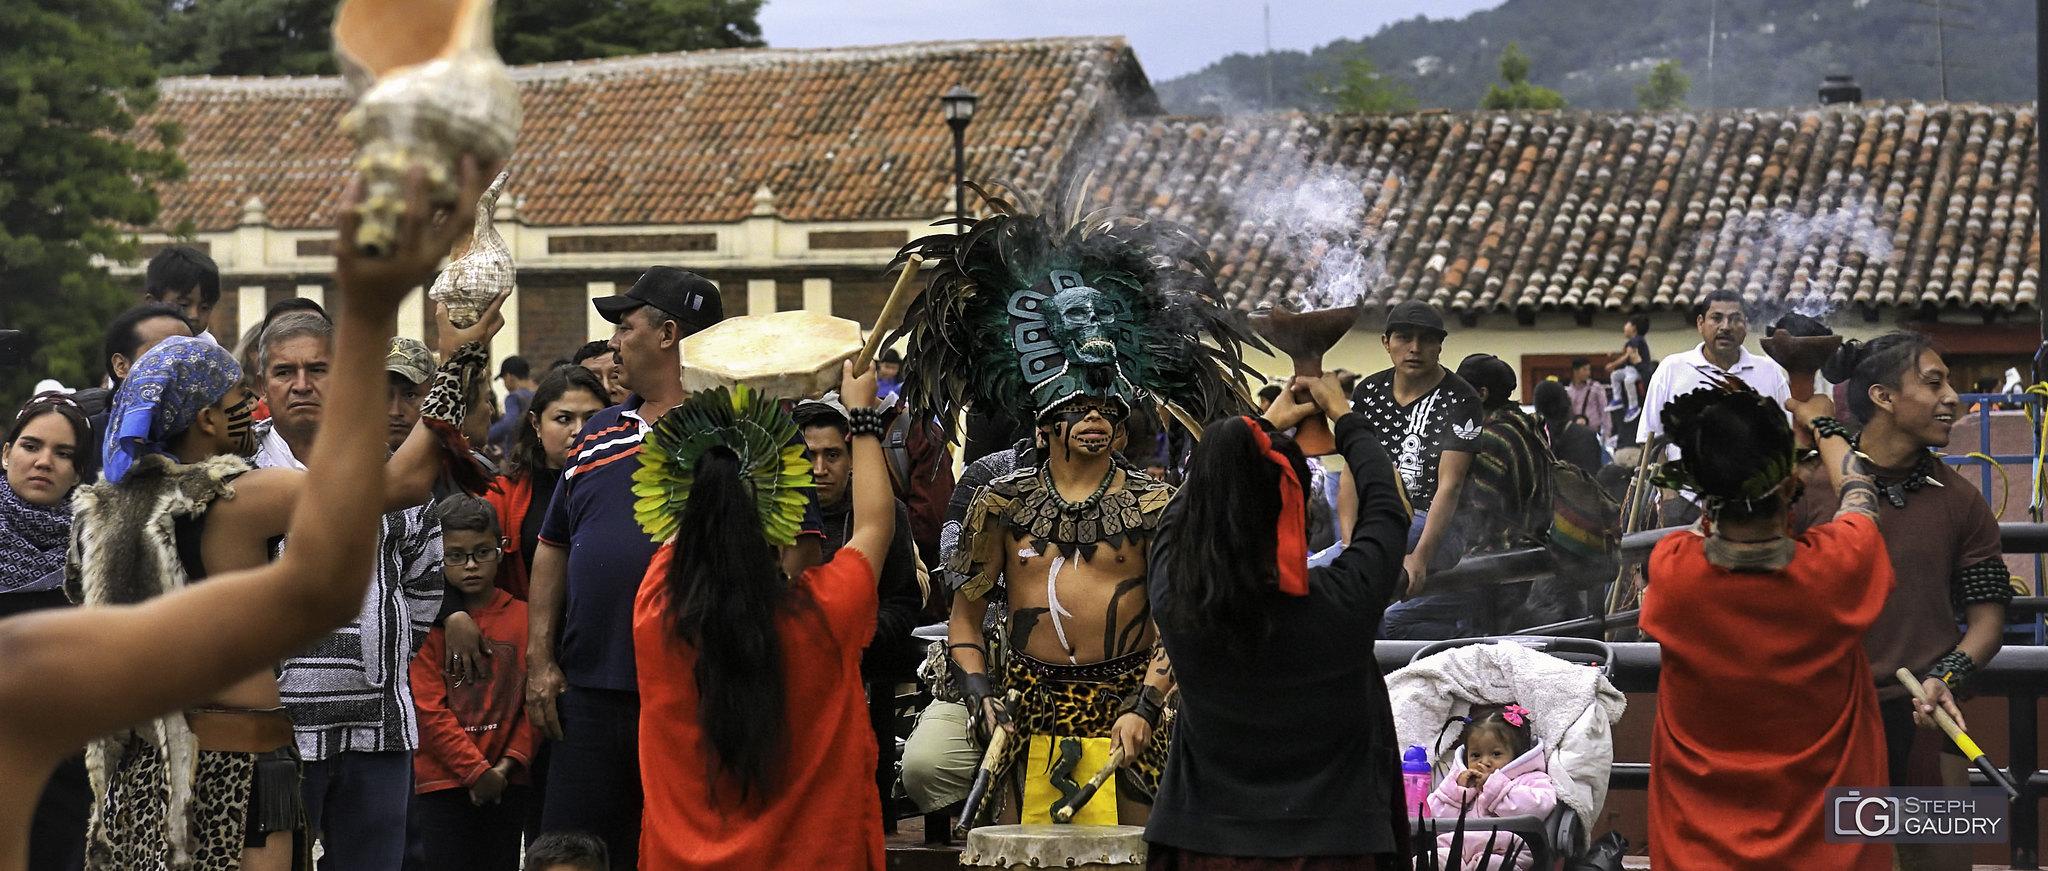 Danses rituelles à San Cristóbal de las Casas [Cliquez pour lancer le diaporama]